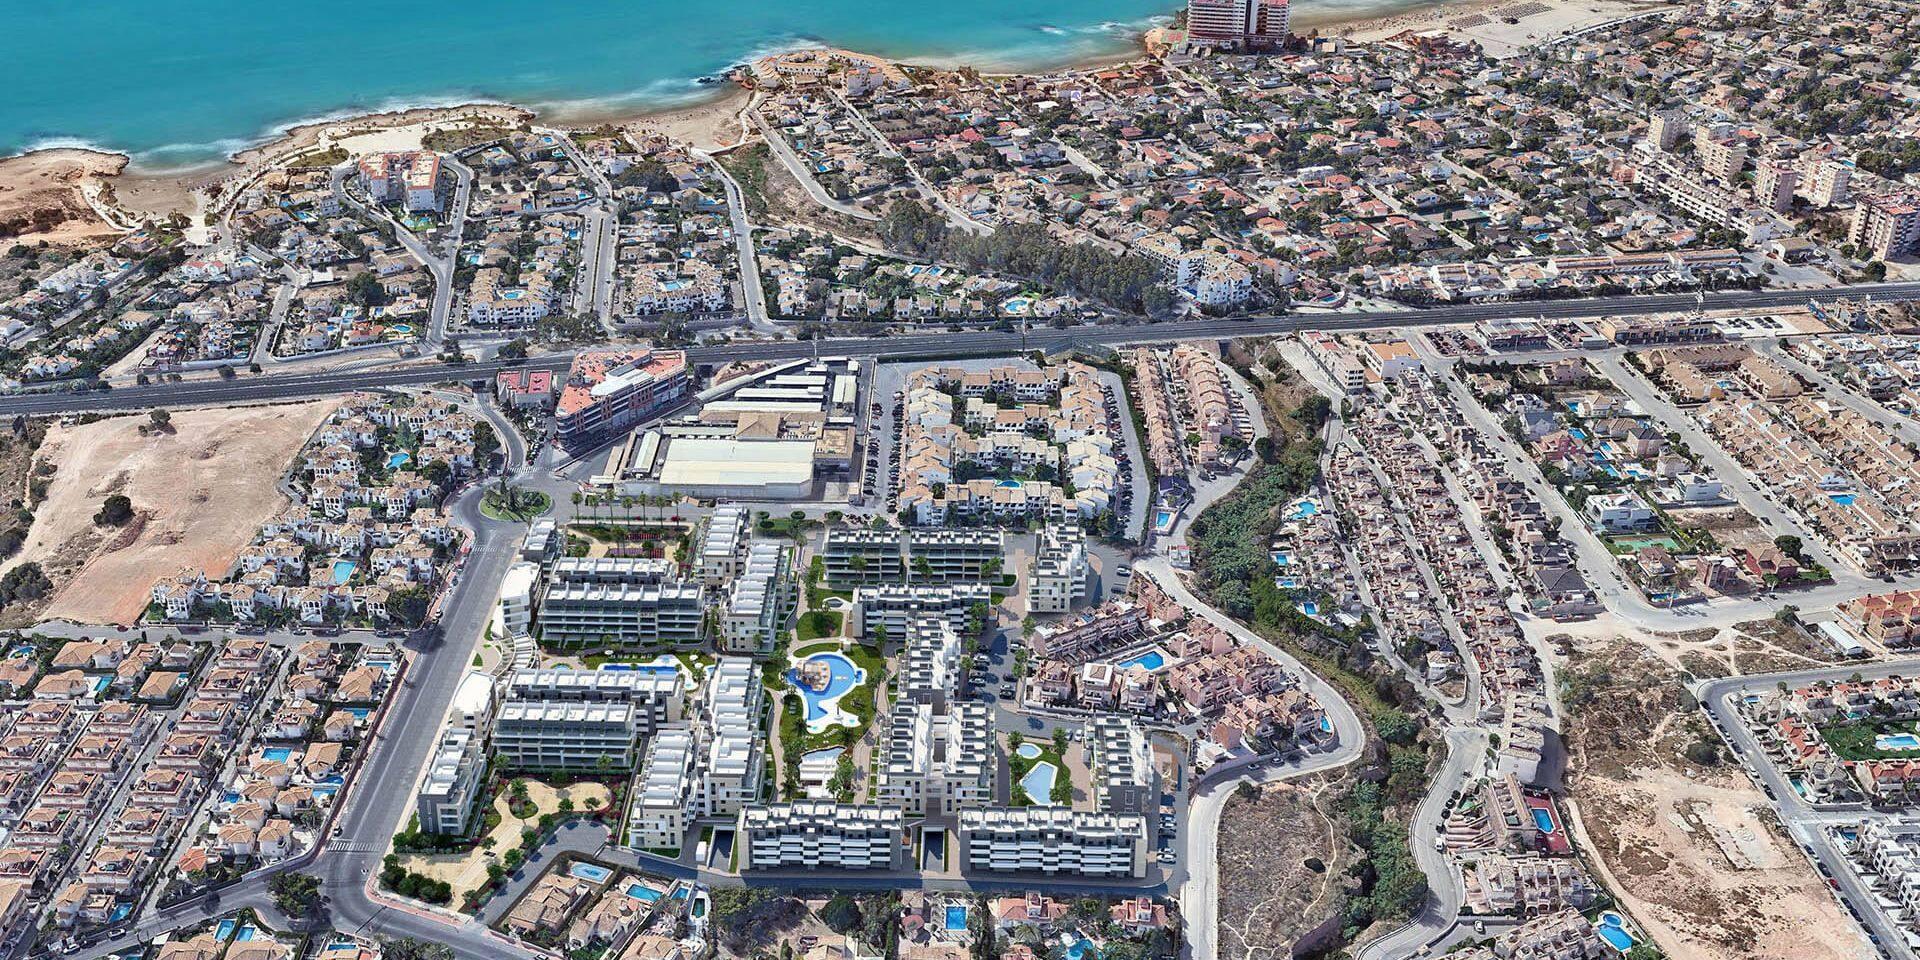 Malgré la crise, les Belges sont de plus en plus nombreux à acheter un logement sur la Costa Blanca